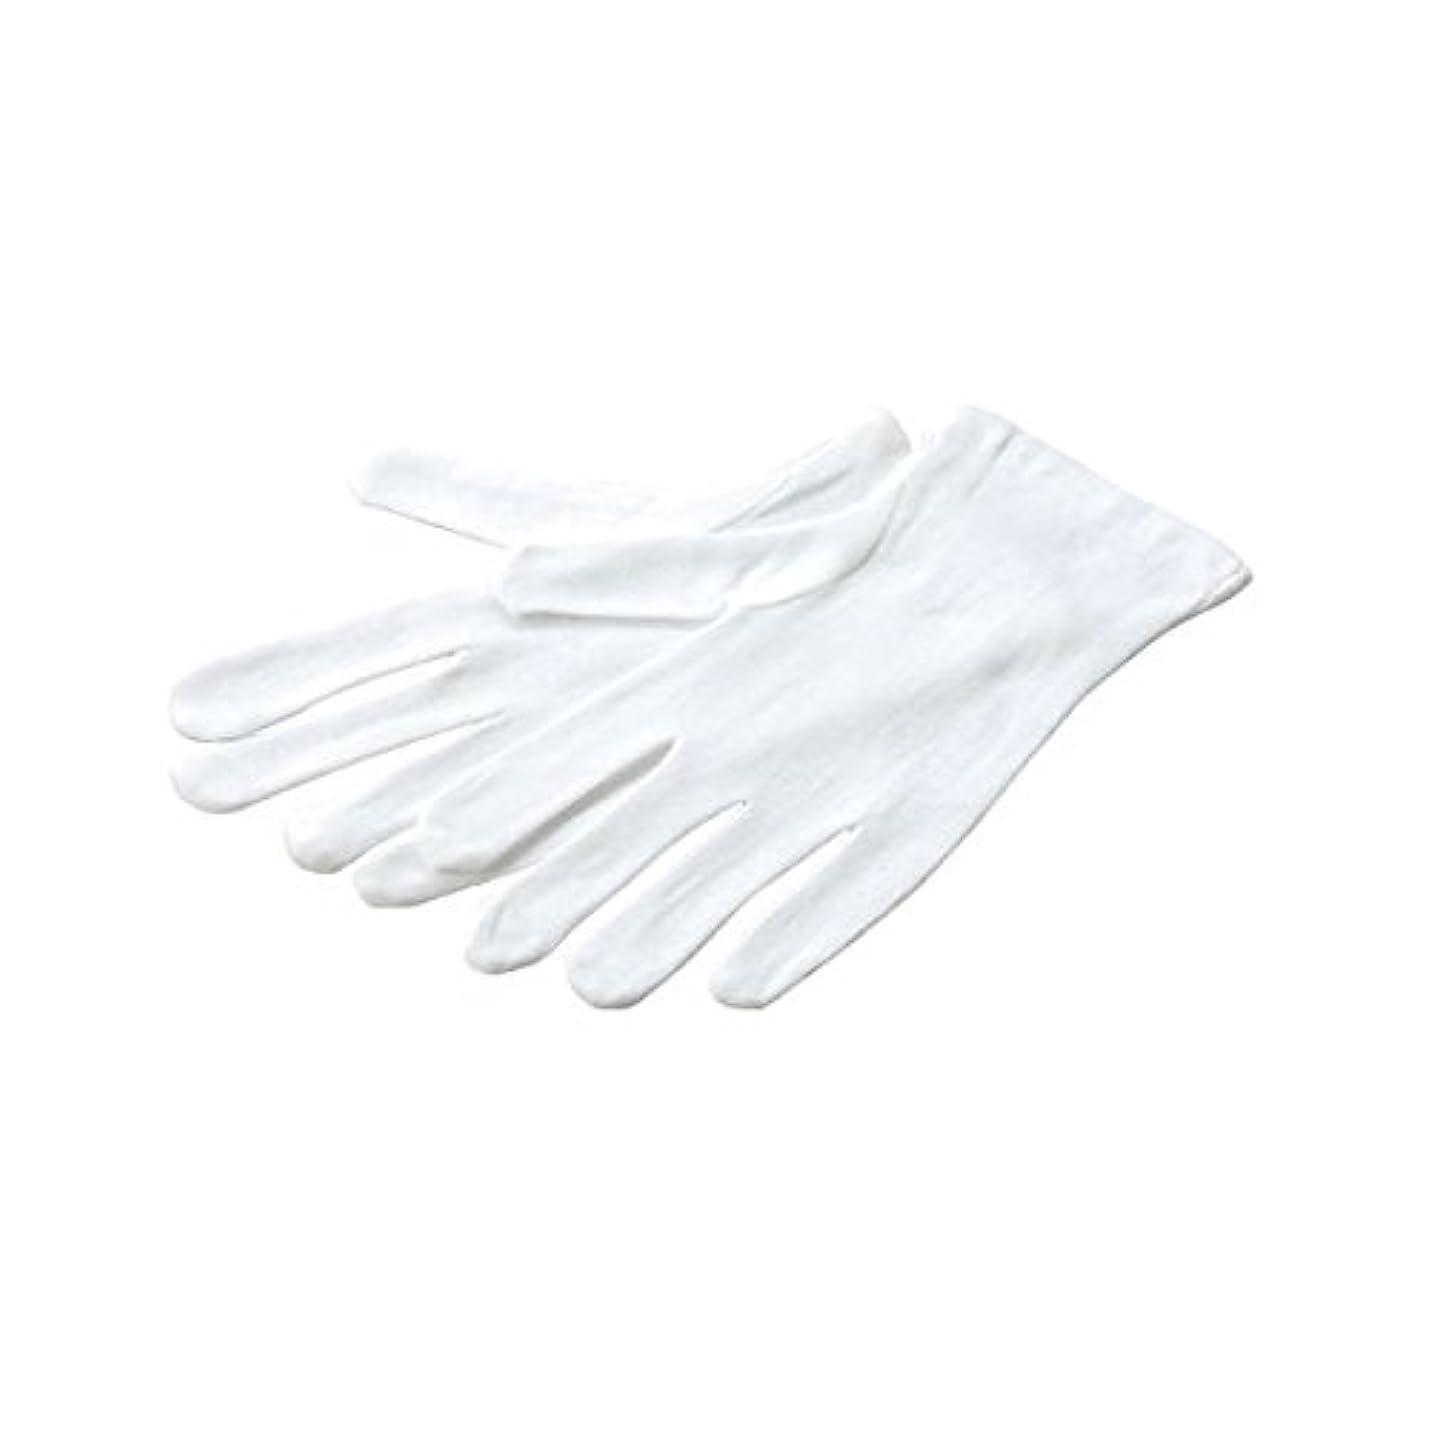 ミタニコーポレーション 品質管理用手袋スムス マチナシ 210080 12双入 【×5セット】